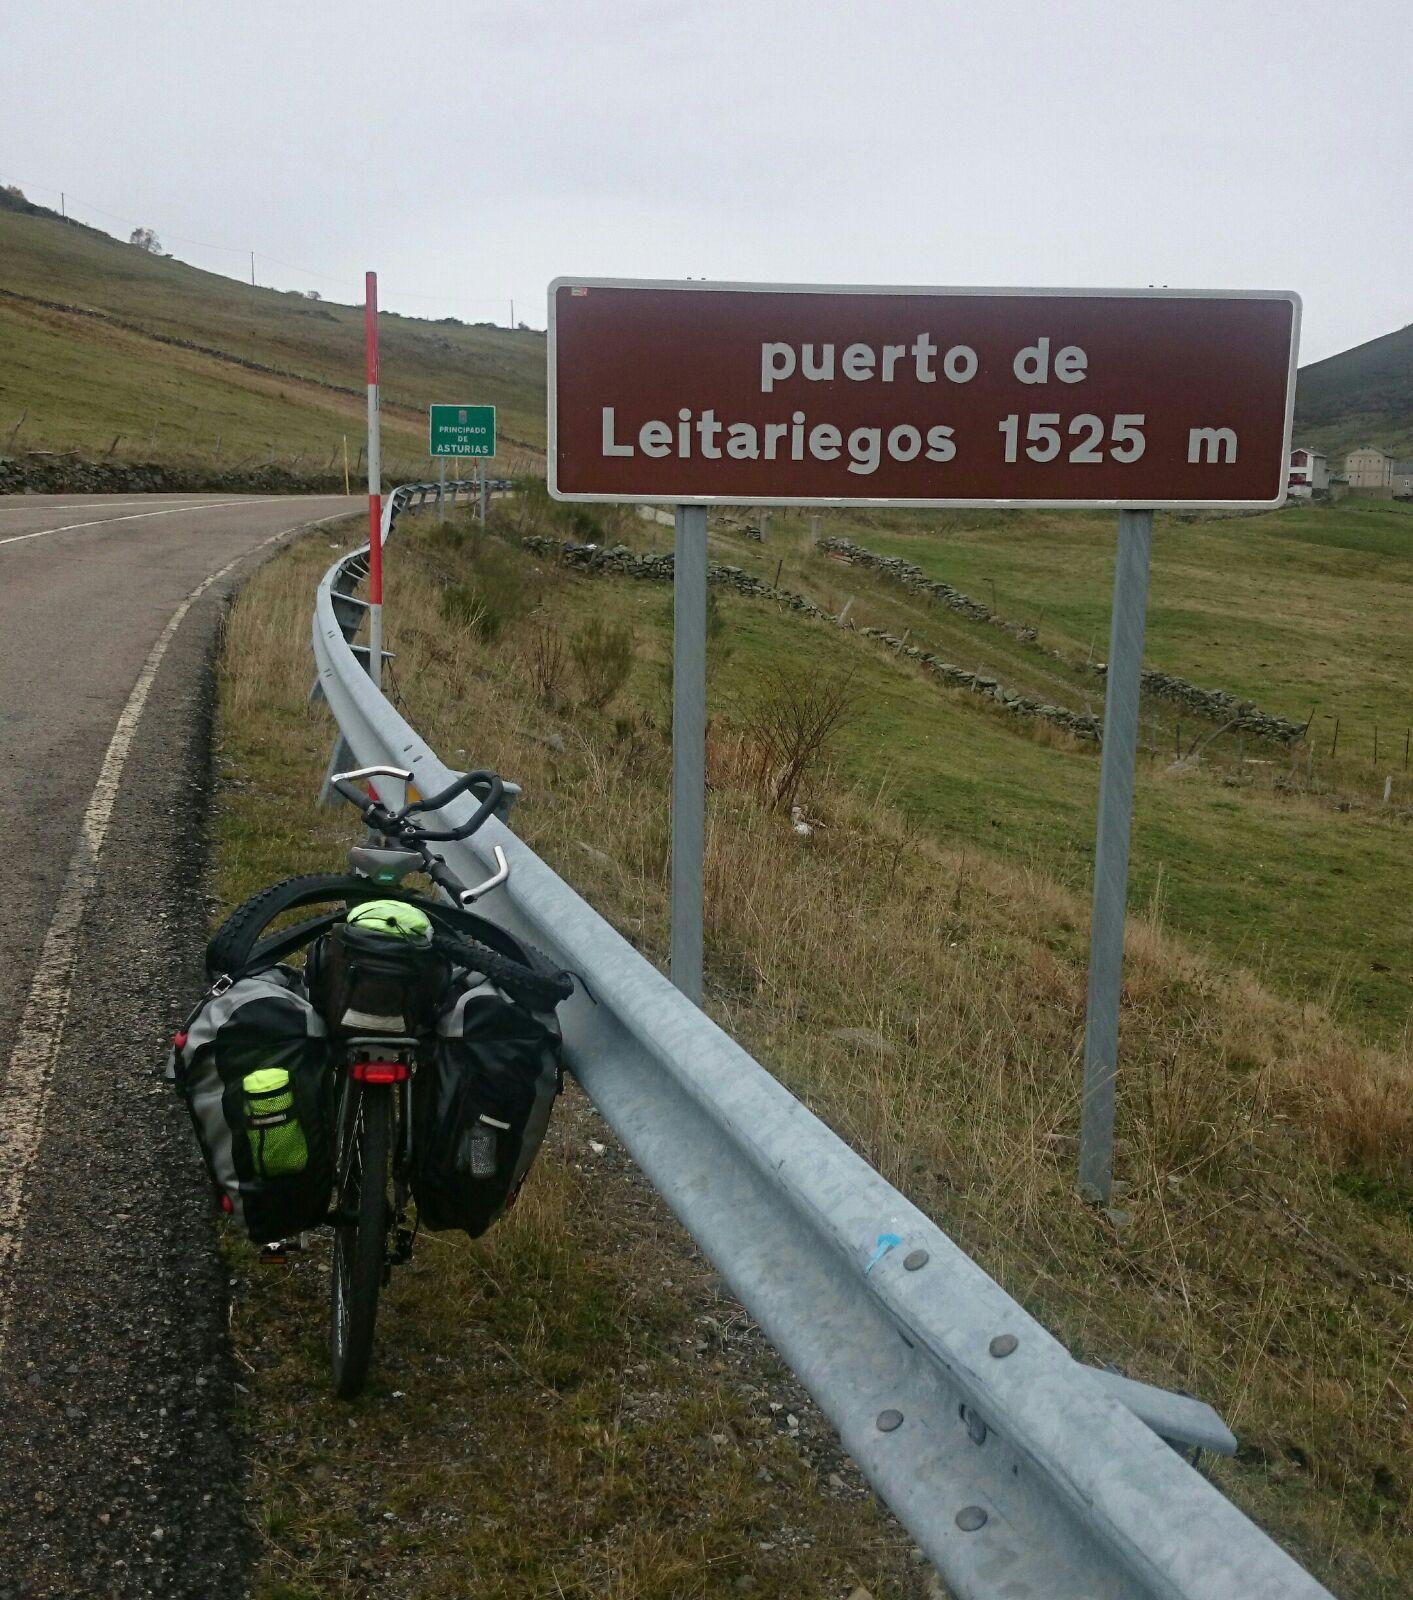 Desde aqui bajada a Leitarriegos por Asturias IMPRESIONANTE